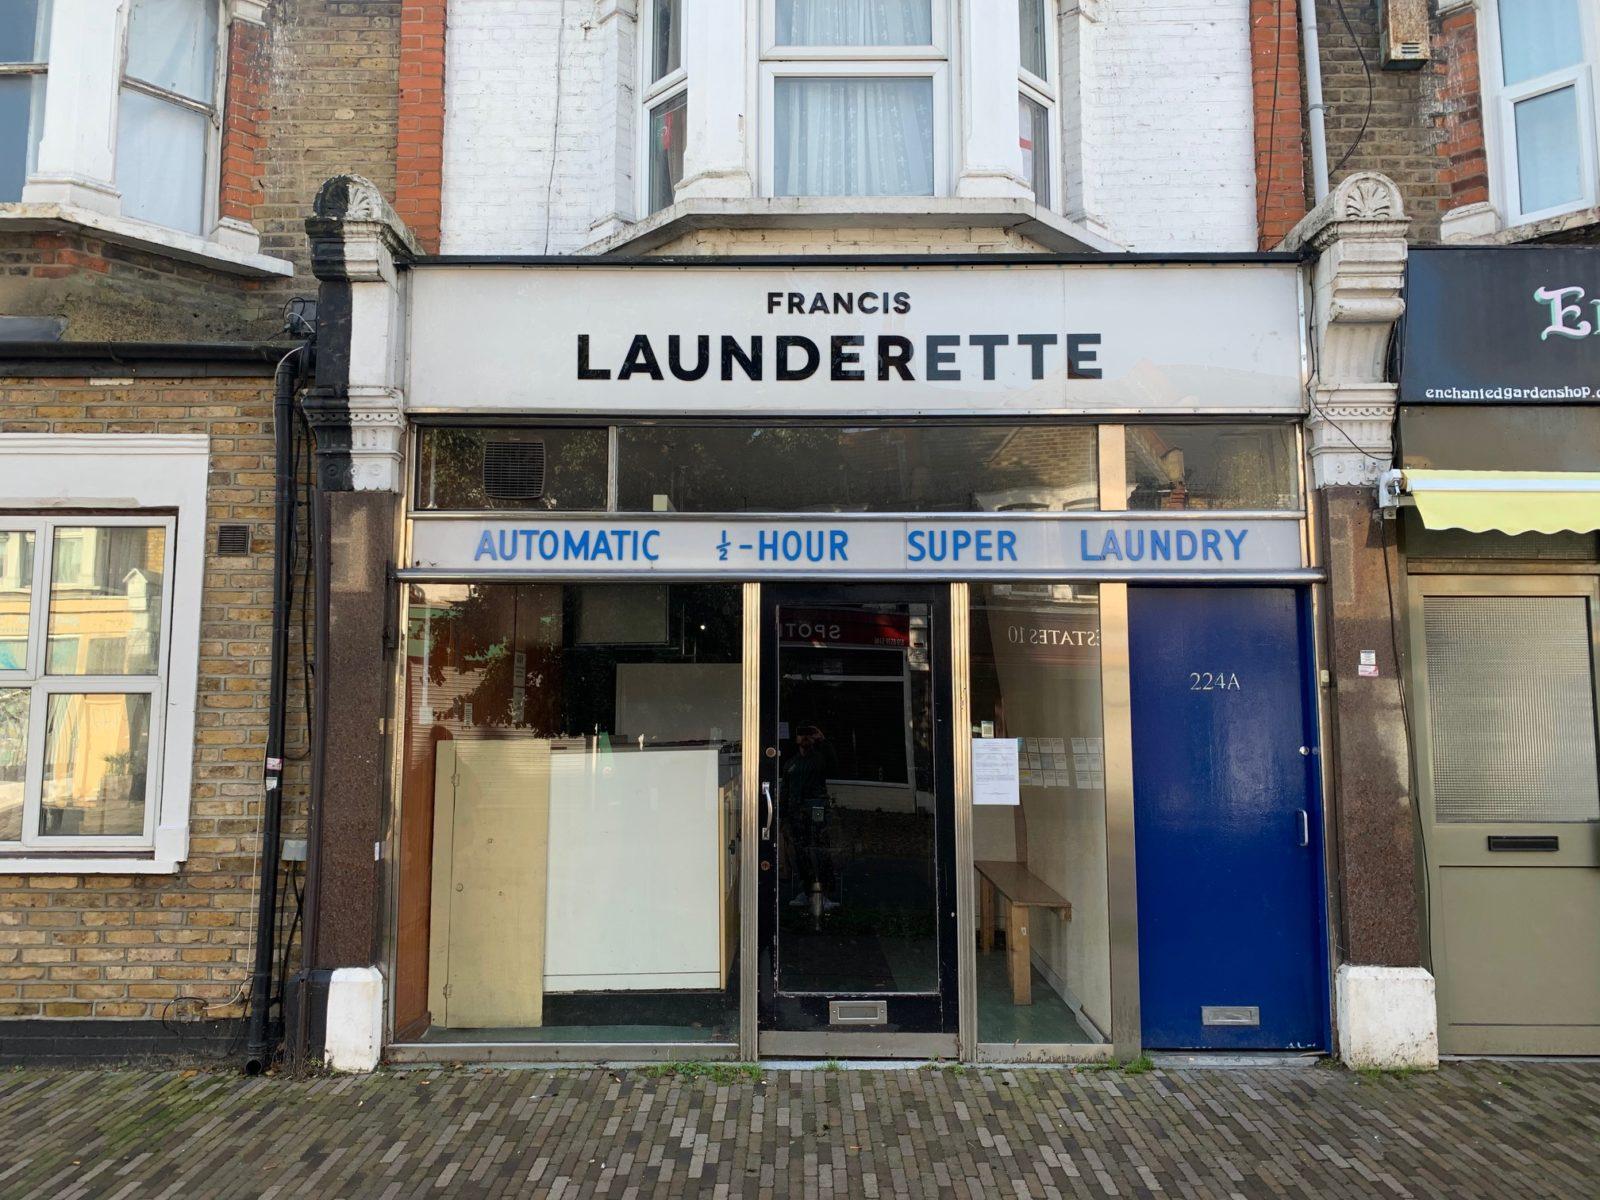 Francis Launderette